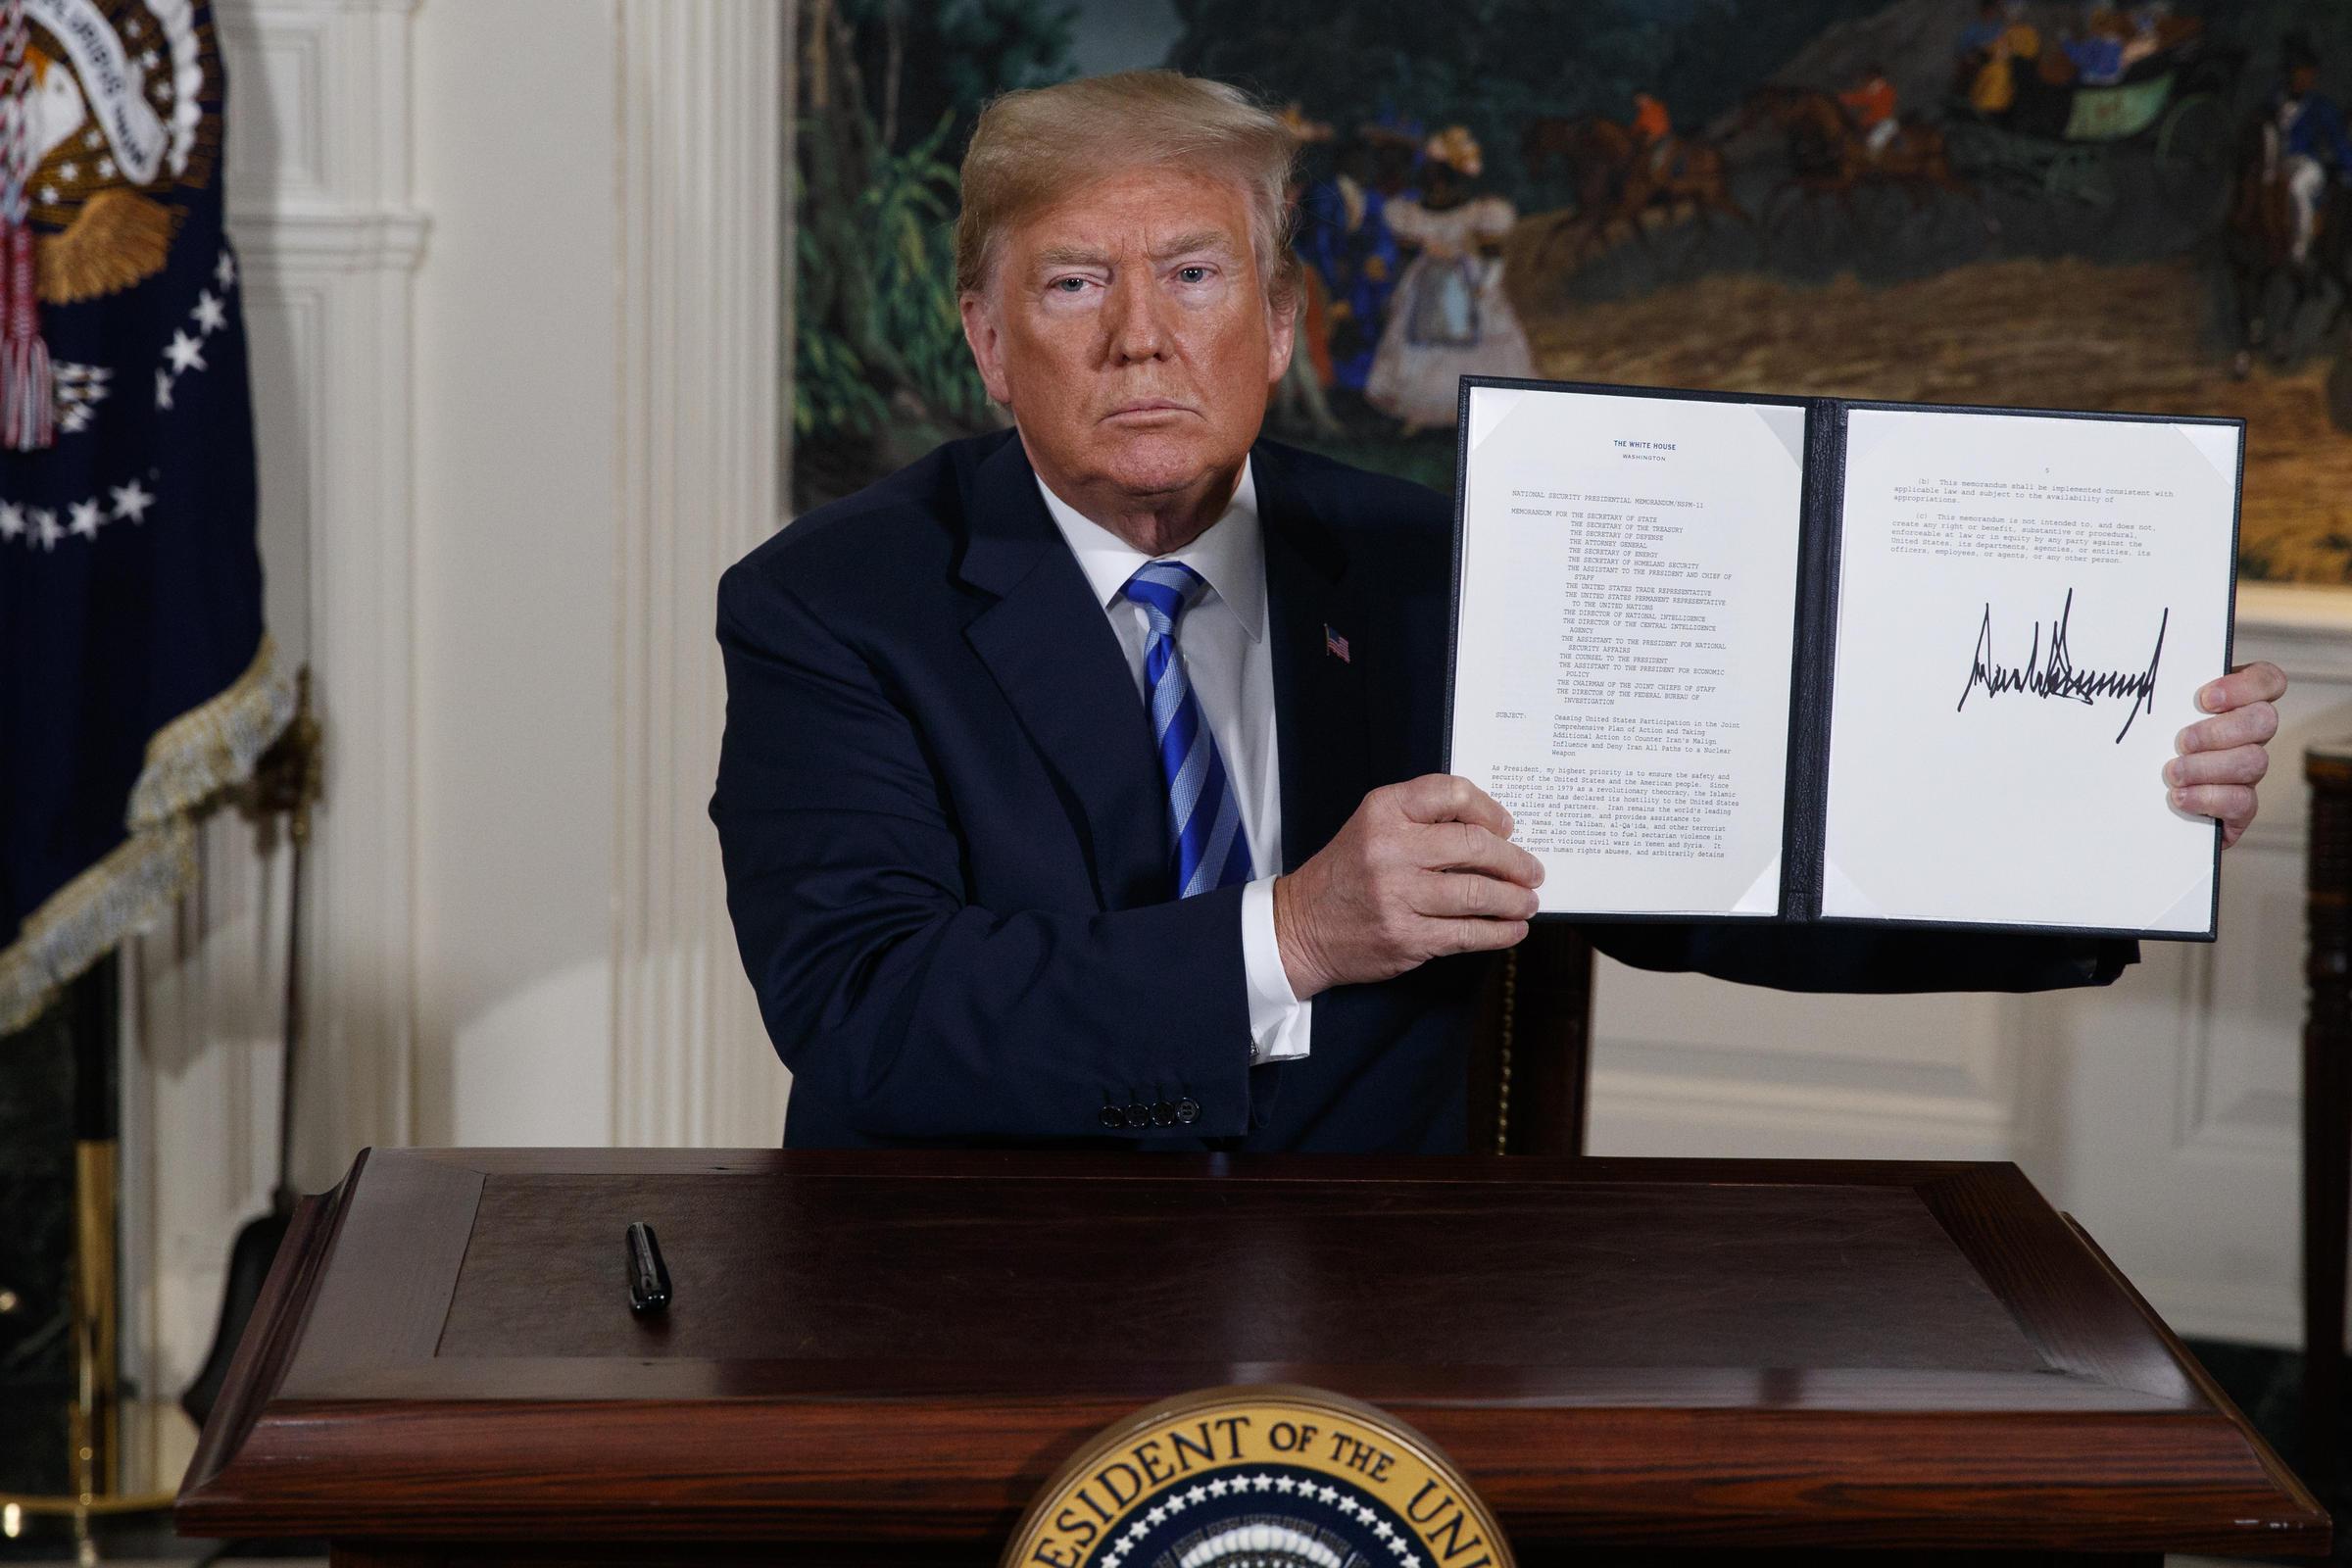 سیاستهای بایدن درباره ایران چه تفاوتی با سیاستهای ترامپ خواهد داشت؟/ نقشه  آمریکا و اعضای اروپایی برجام برای توافق هستهای چیست؟ +عکس و فیلم - مشرق  نیوز